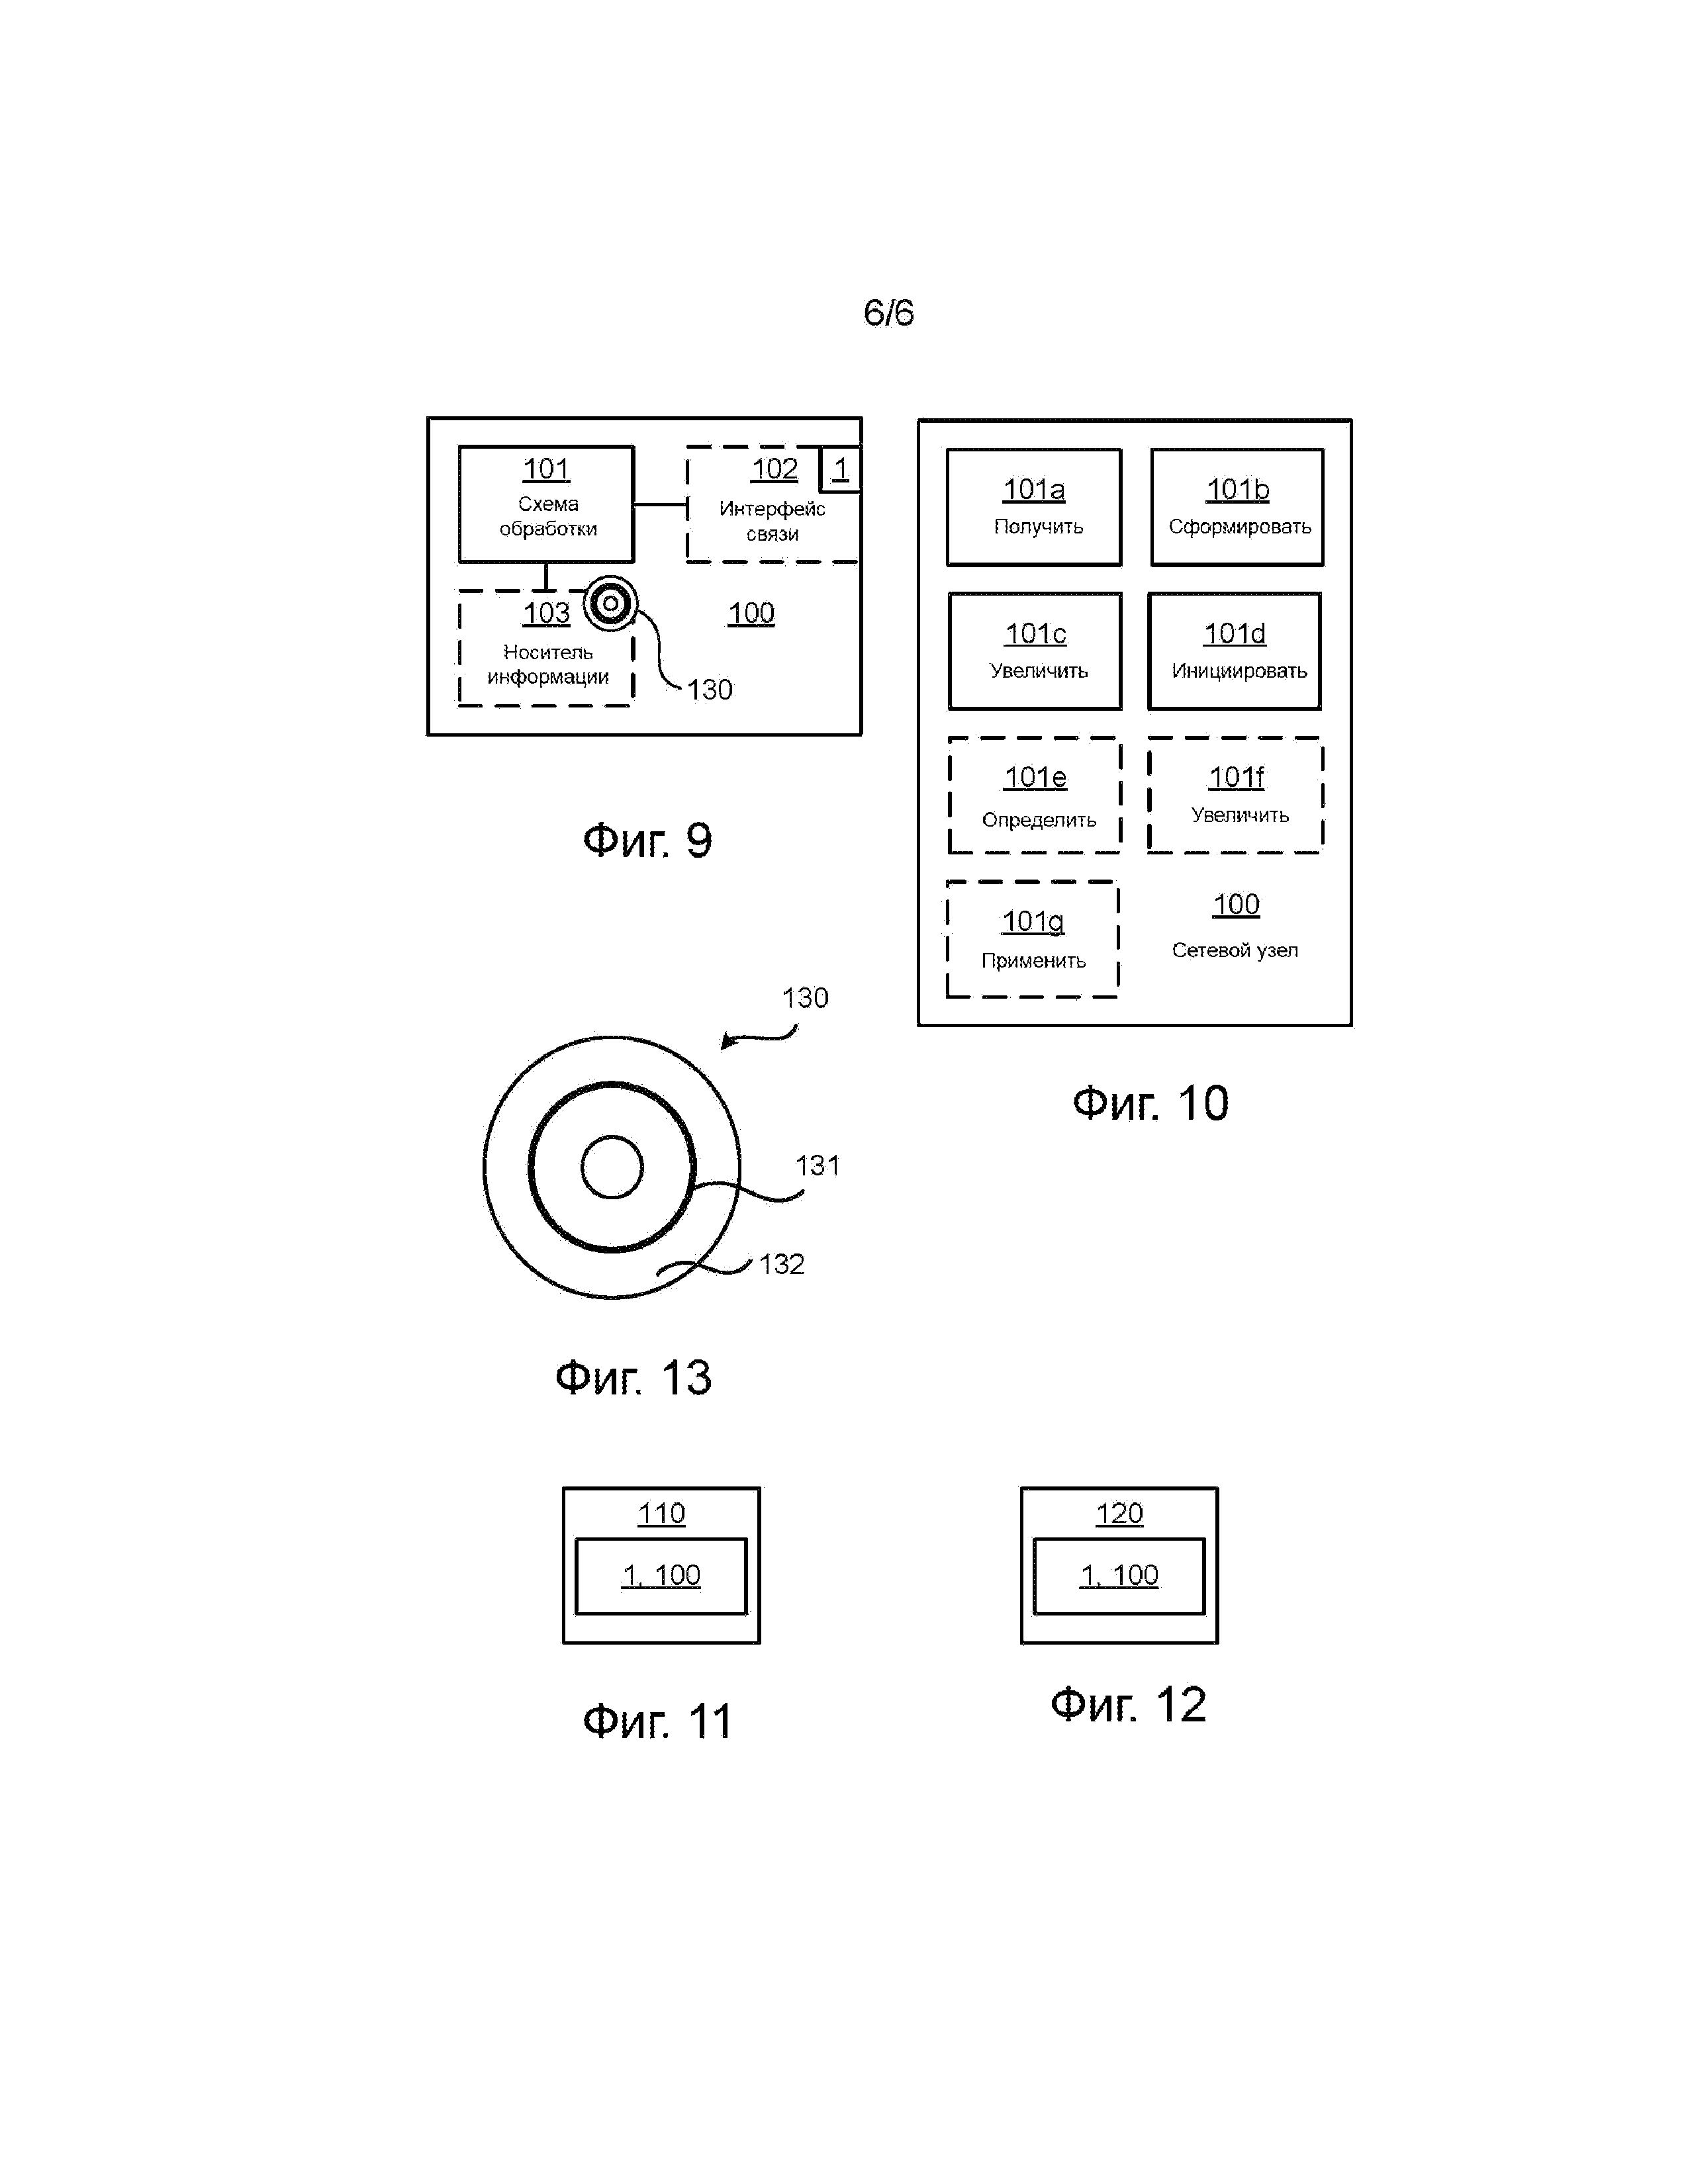 Формирование диаграммы направленности с использованием антенной решетки